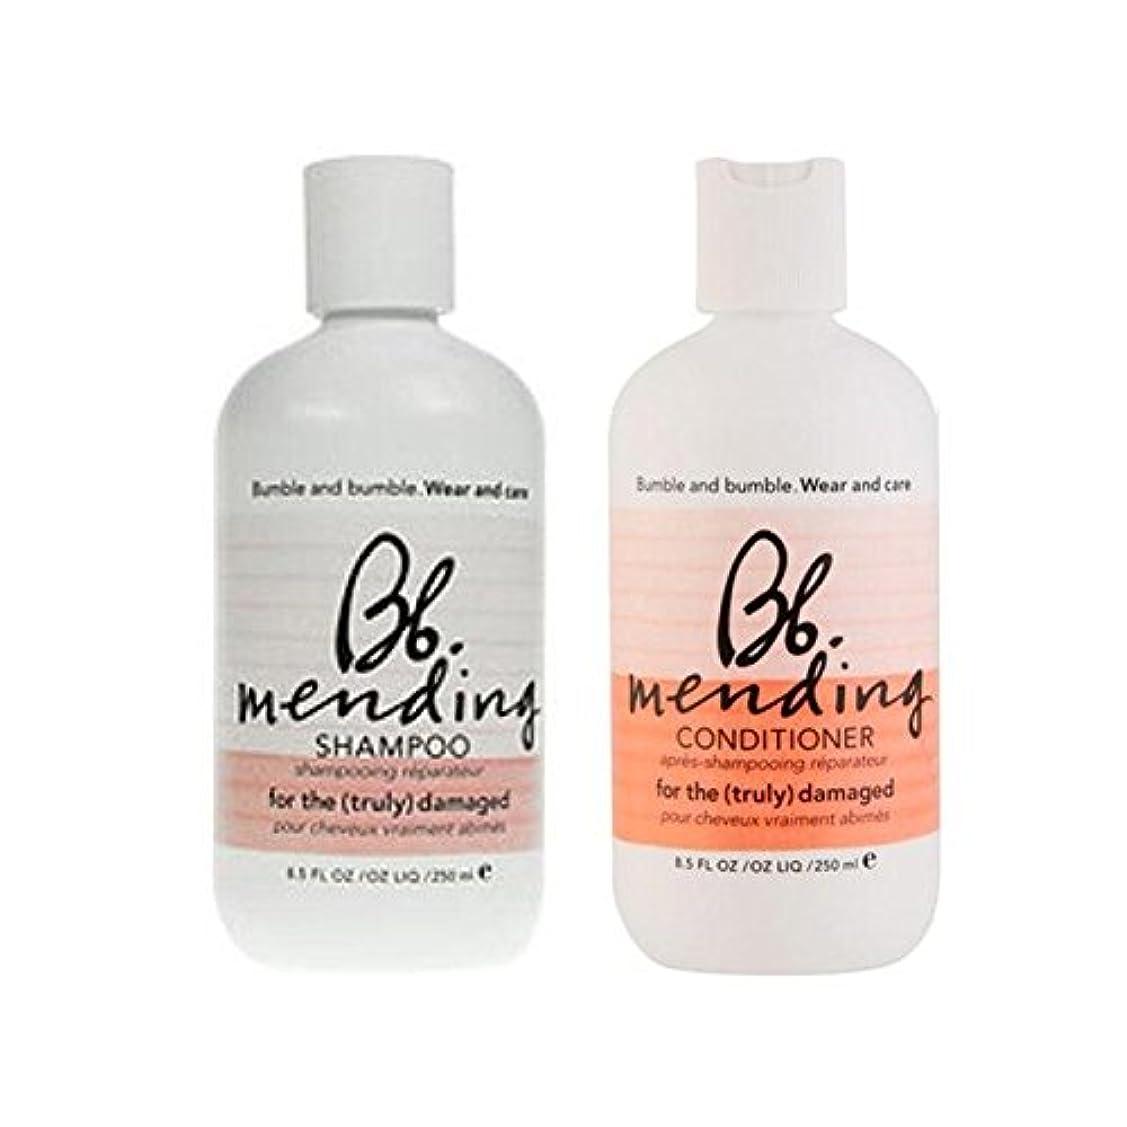 上げる慣らす両方着用し、-シャンプーとコンディショナーを補修ケア x4 - Bb Wear And Care Mending Duo- Shampoo And Conditioner (Pack of 4) [並行輸入品]